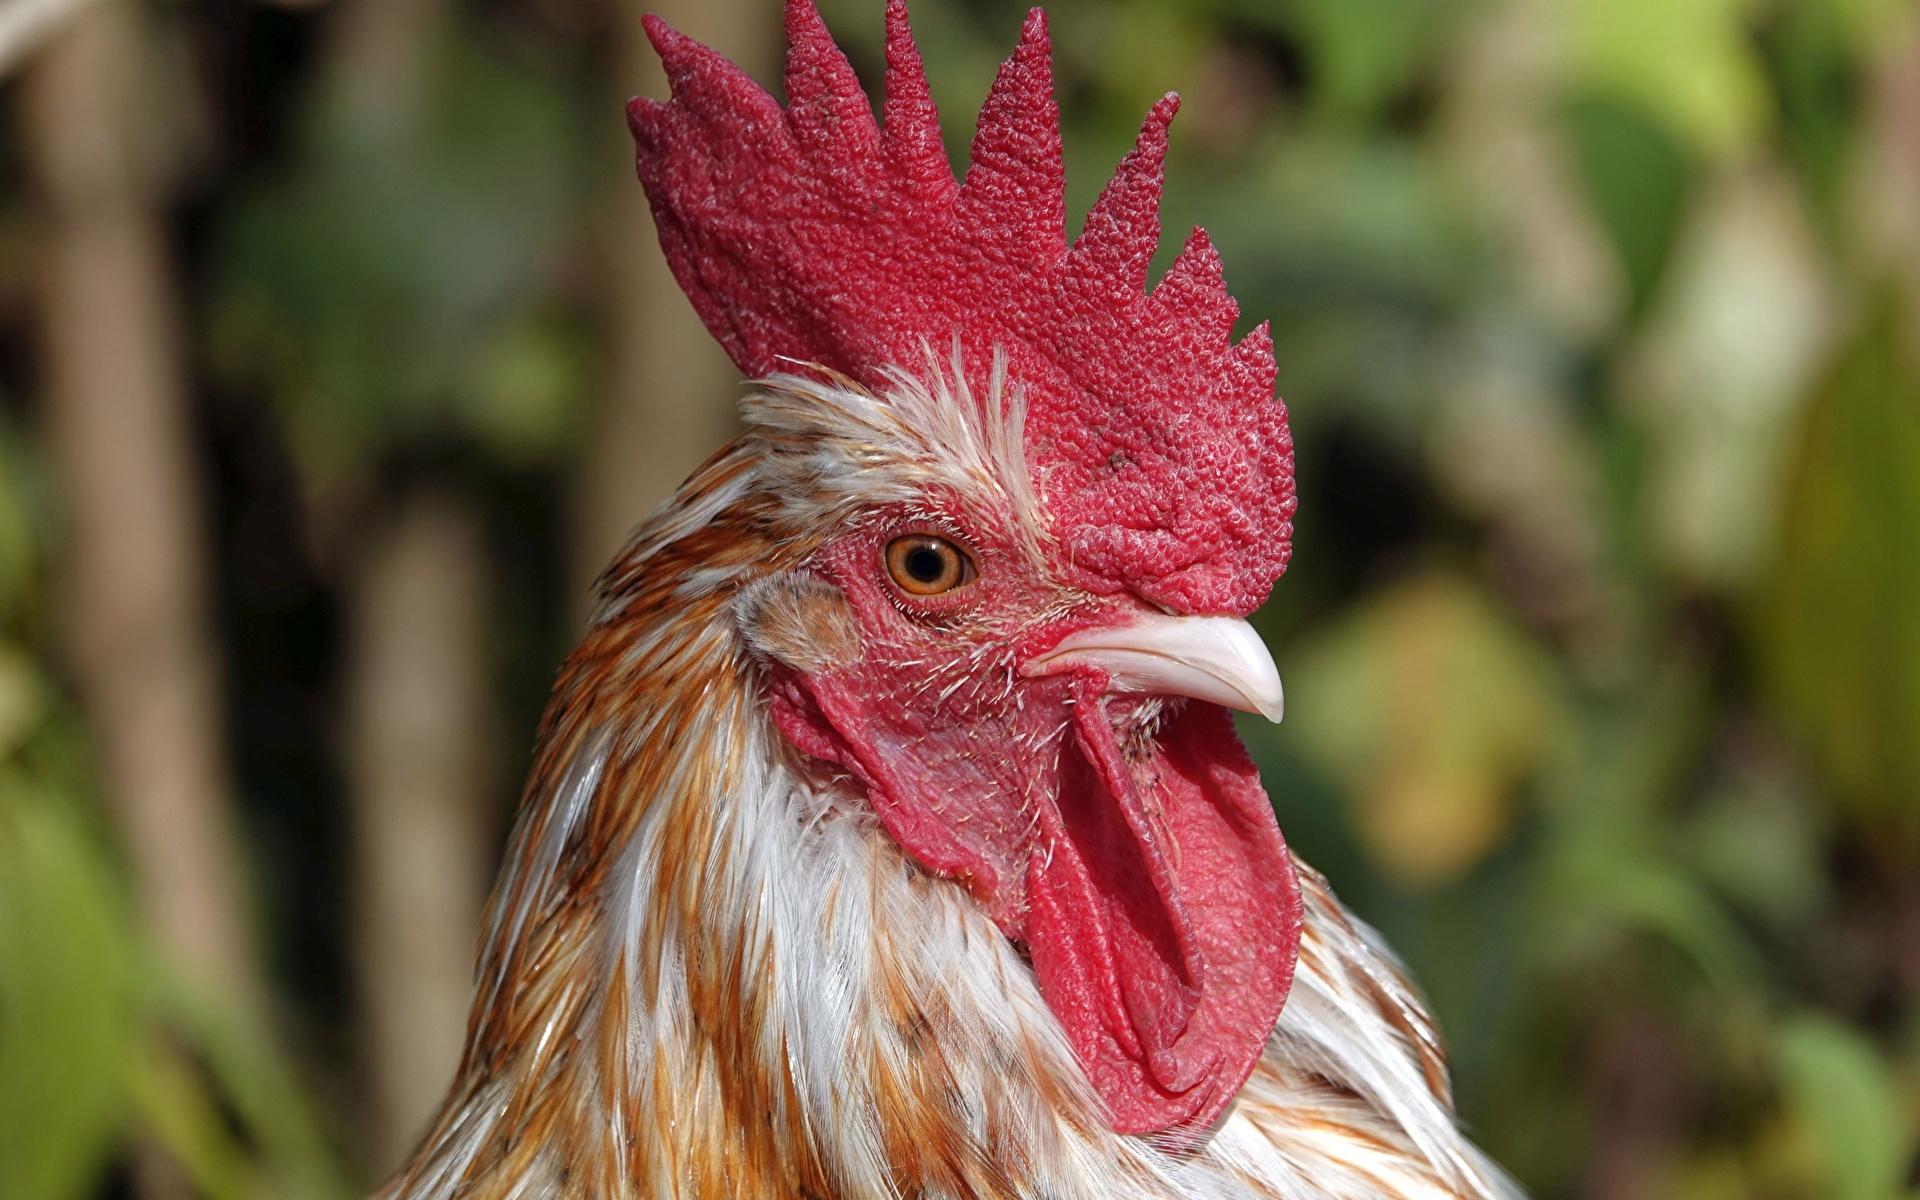 Фотография Птицы Петух Размытый фон головы Животные Крупным планом 1920x1200 птица боке вблизи Голова животное